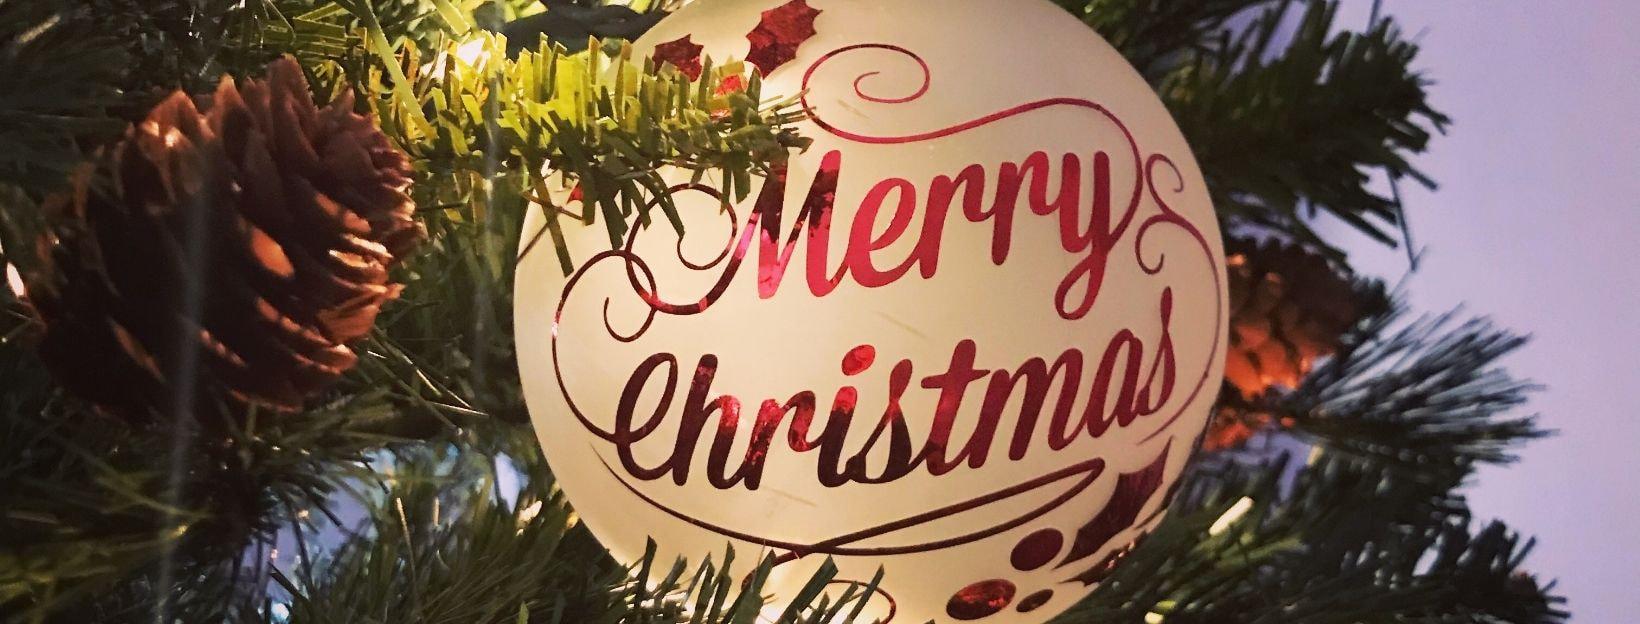 Weihnachtsgrüße auf Christbaumkugel